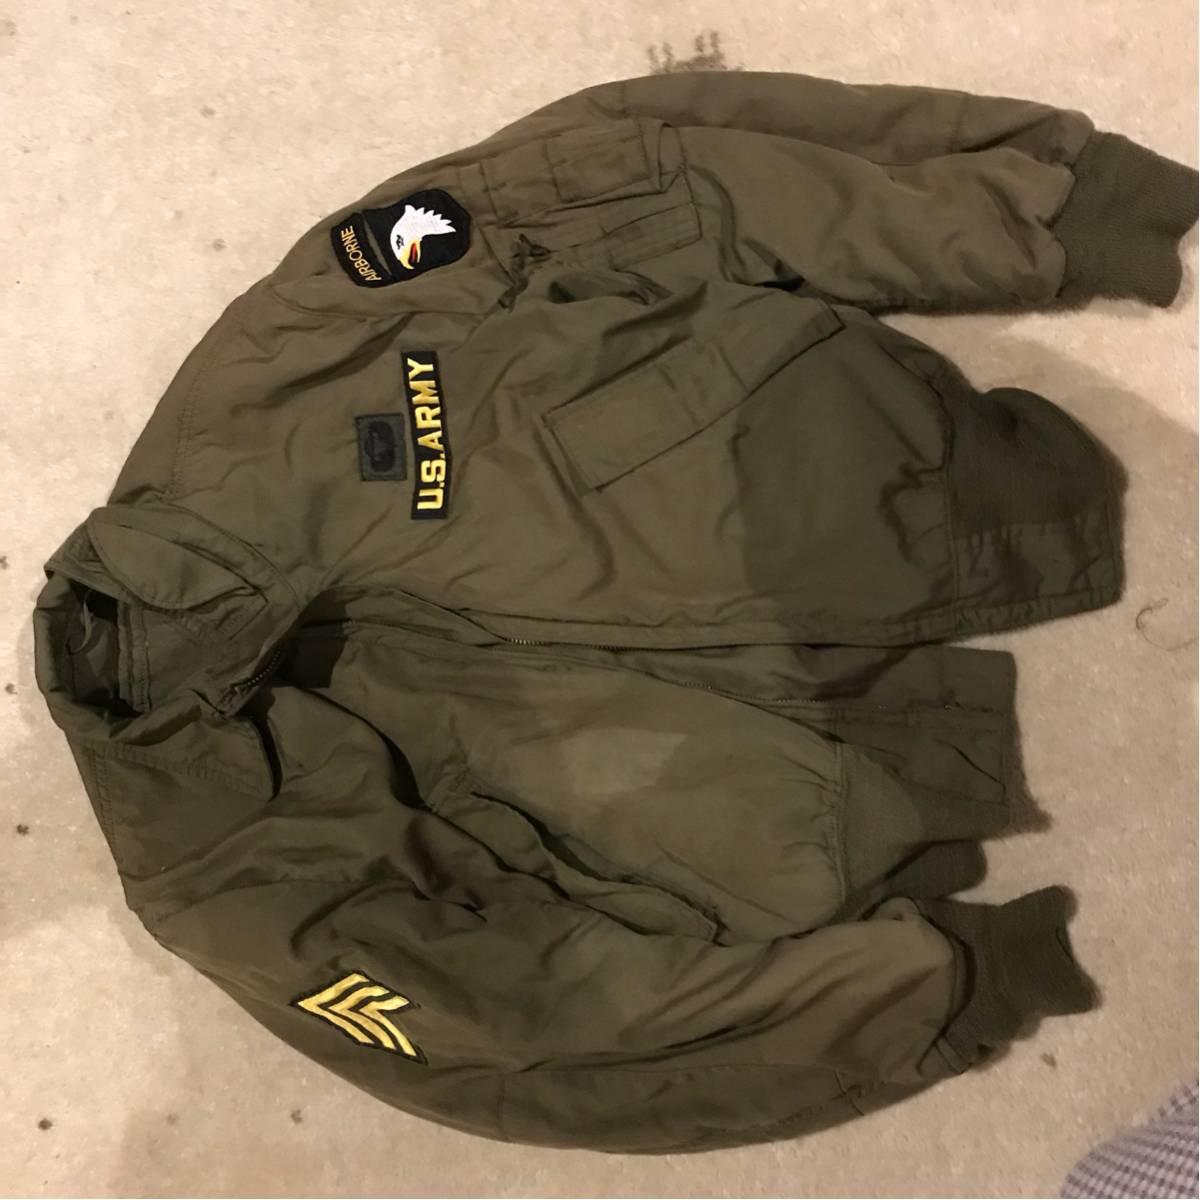 米軍実物 CVCジャケット タンカース カスタム M レギュラー コールドウェザー